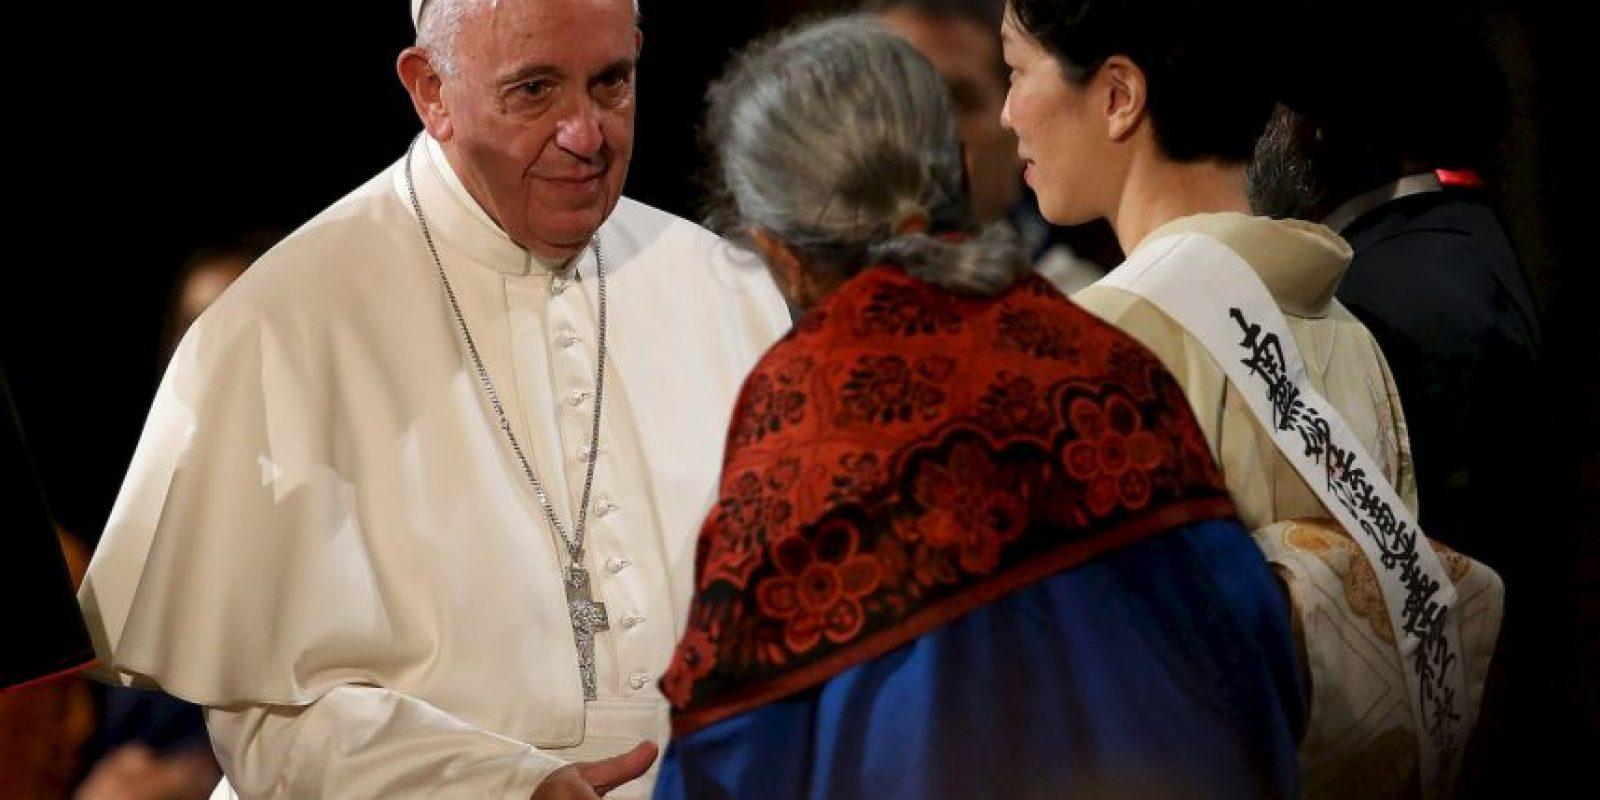 Pidió por la unión de todas las religiones para generar paz. Foto:AFP